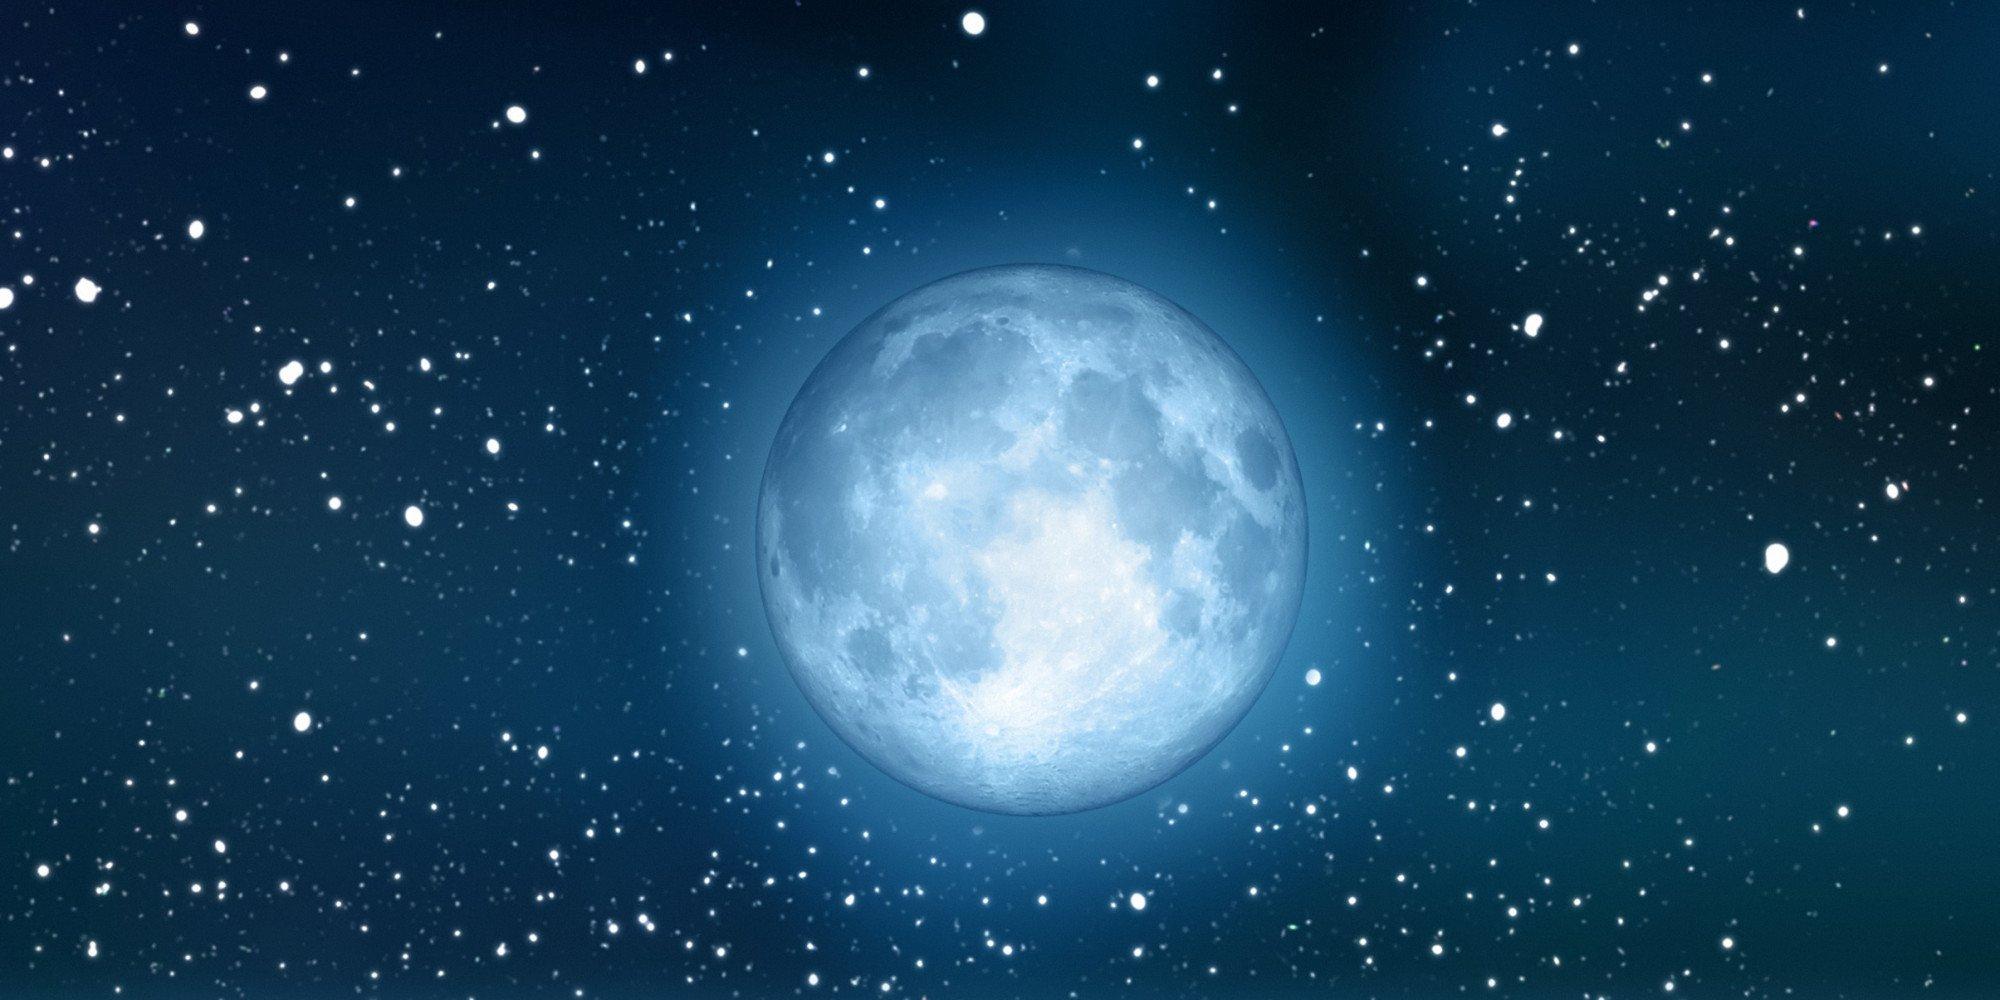 Картинки луна и звезды красивые